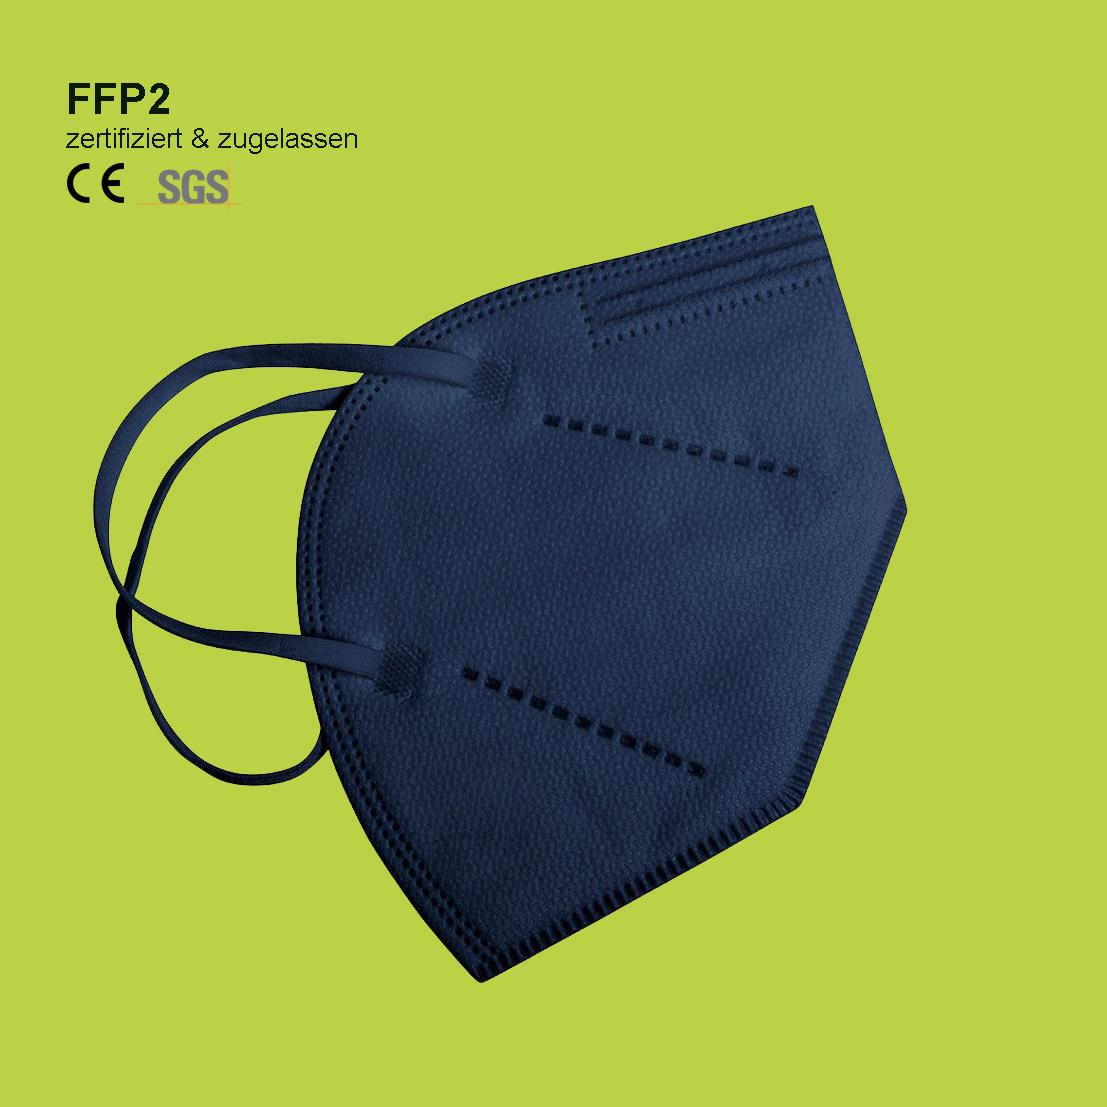 FFP2 Maske blau zertifiziert - mit geringem Atemwiederstand